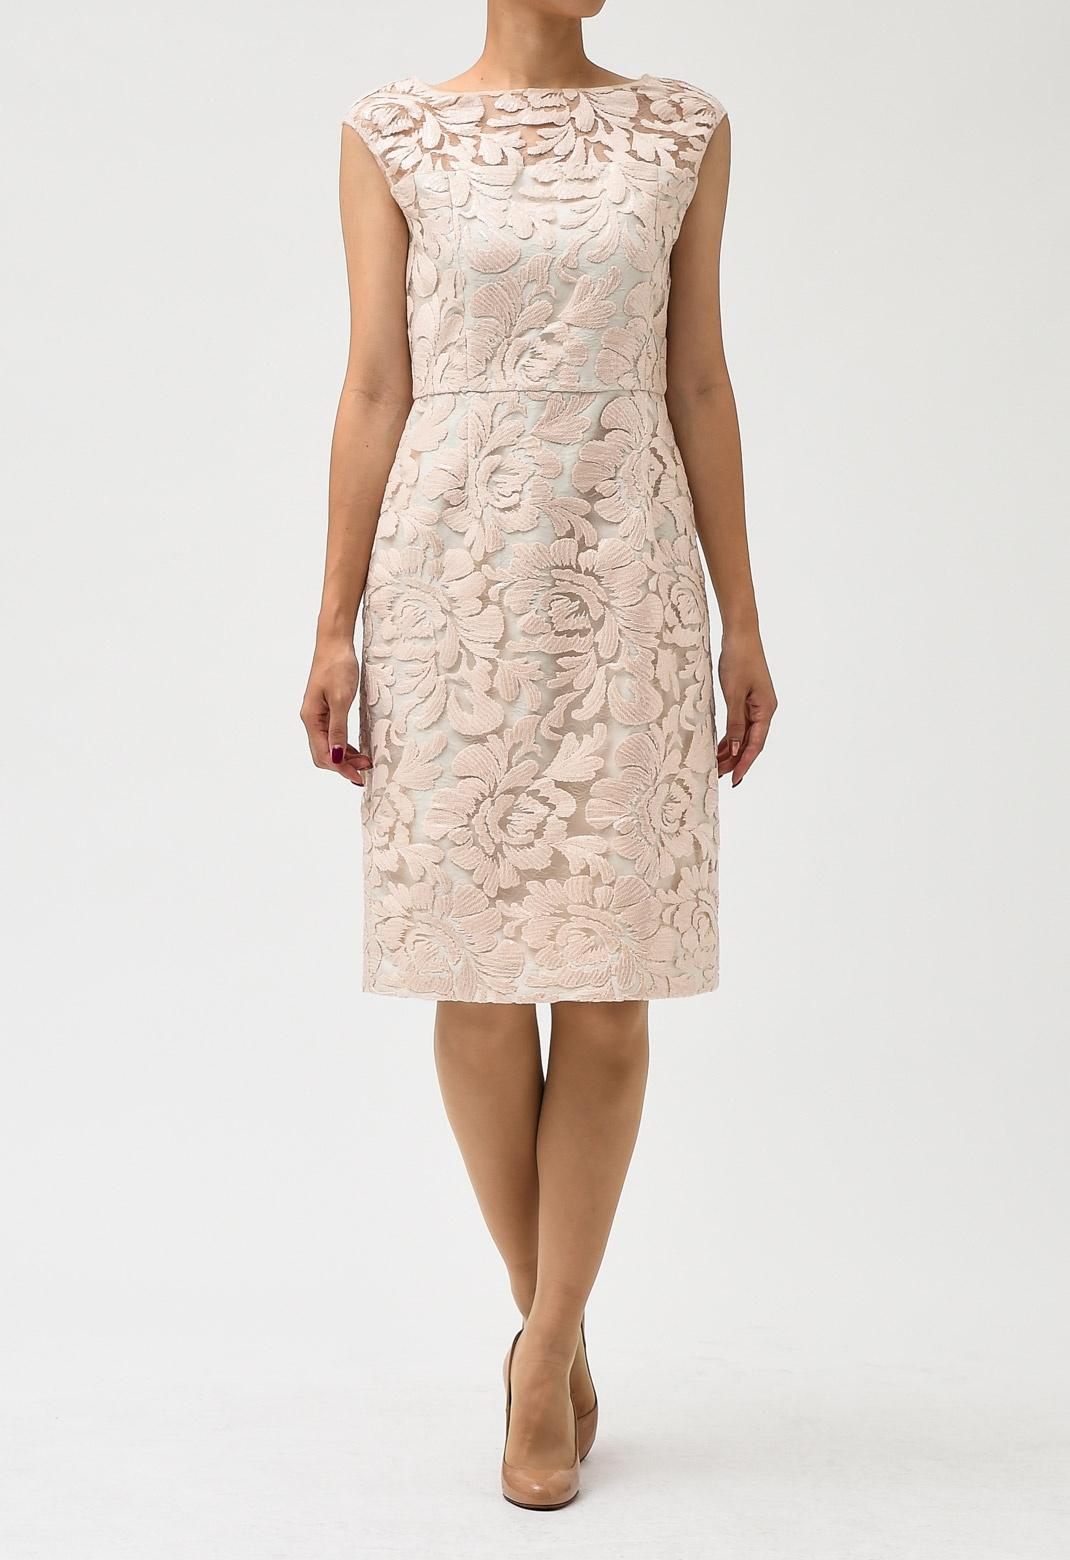 グレースコンチネンタル スパン フラワー タイト ドレス